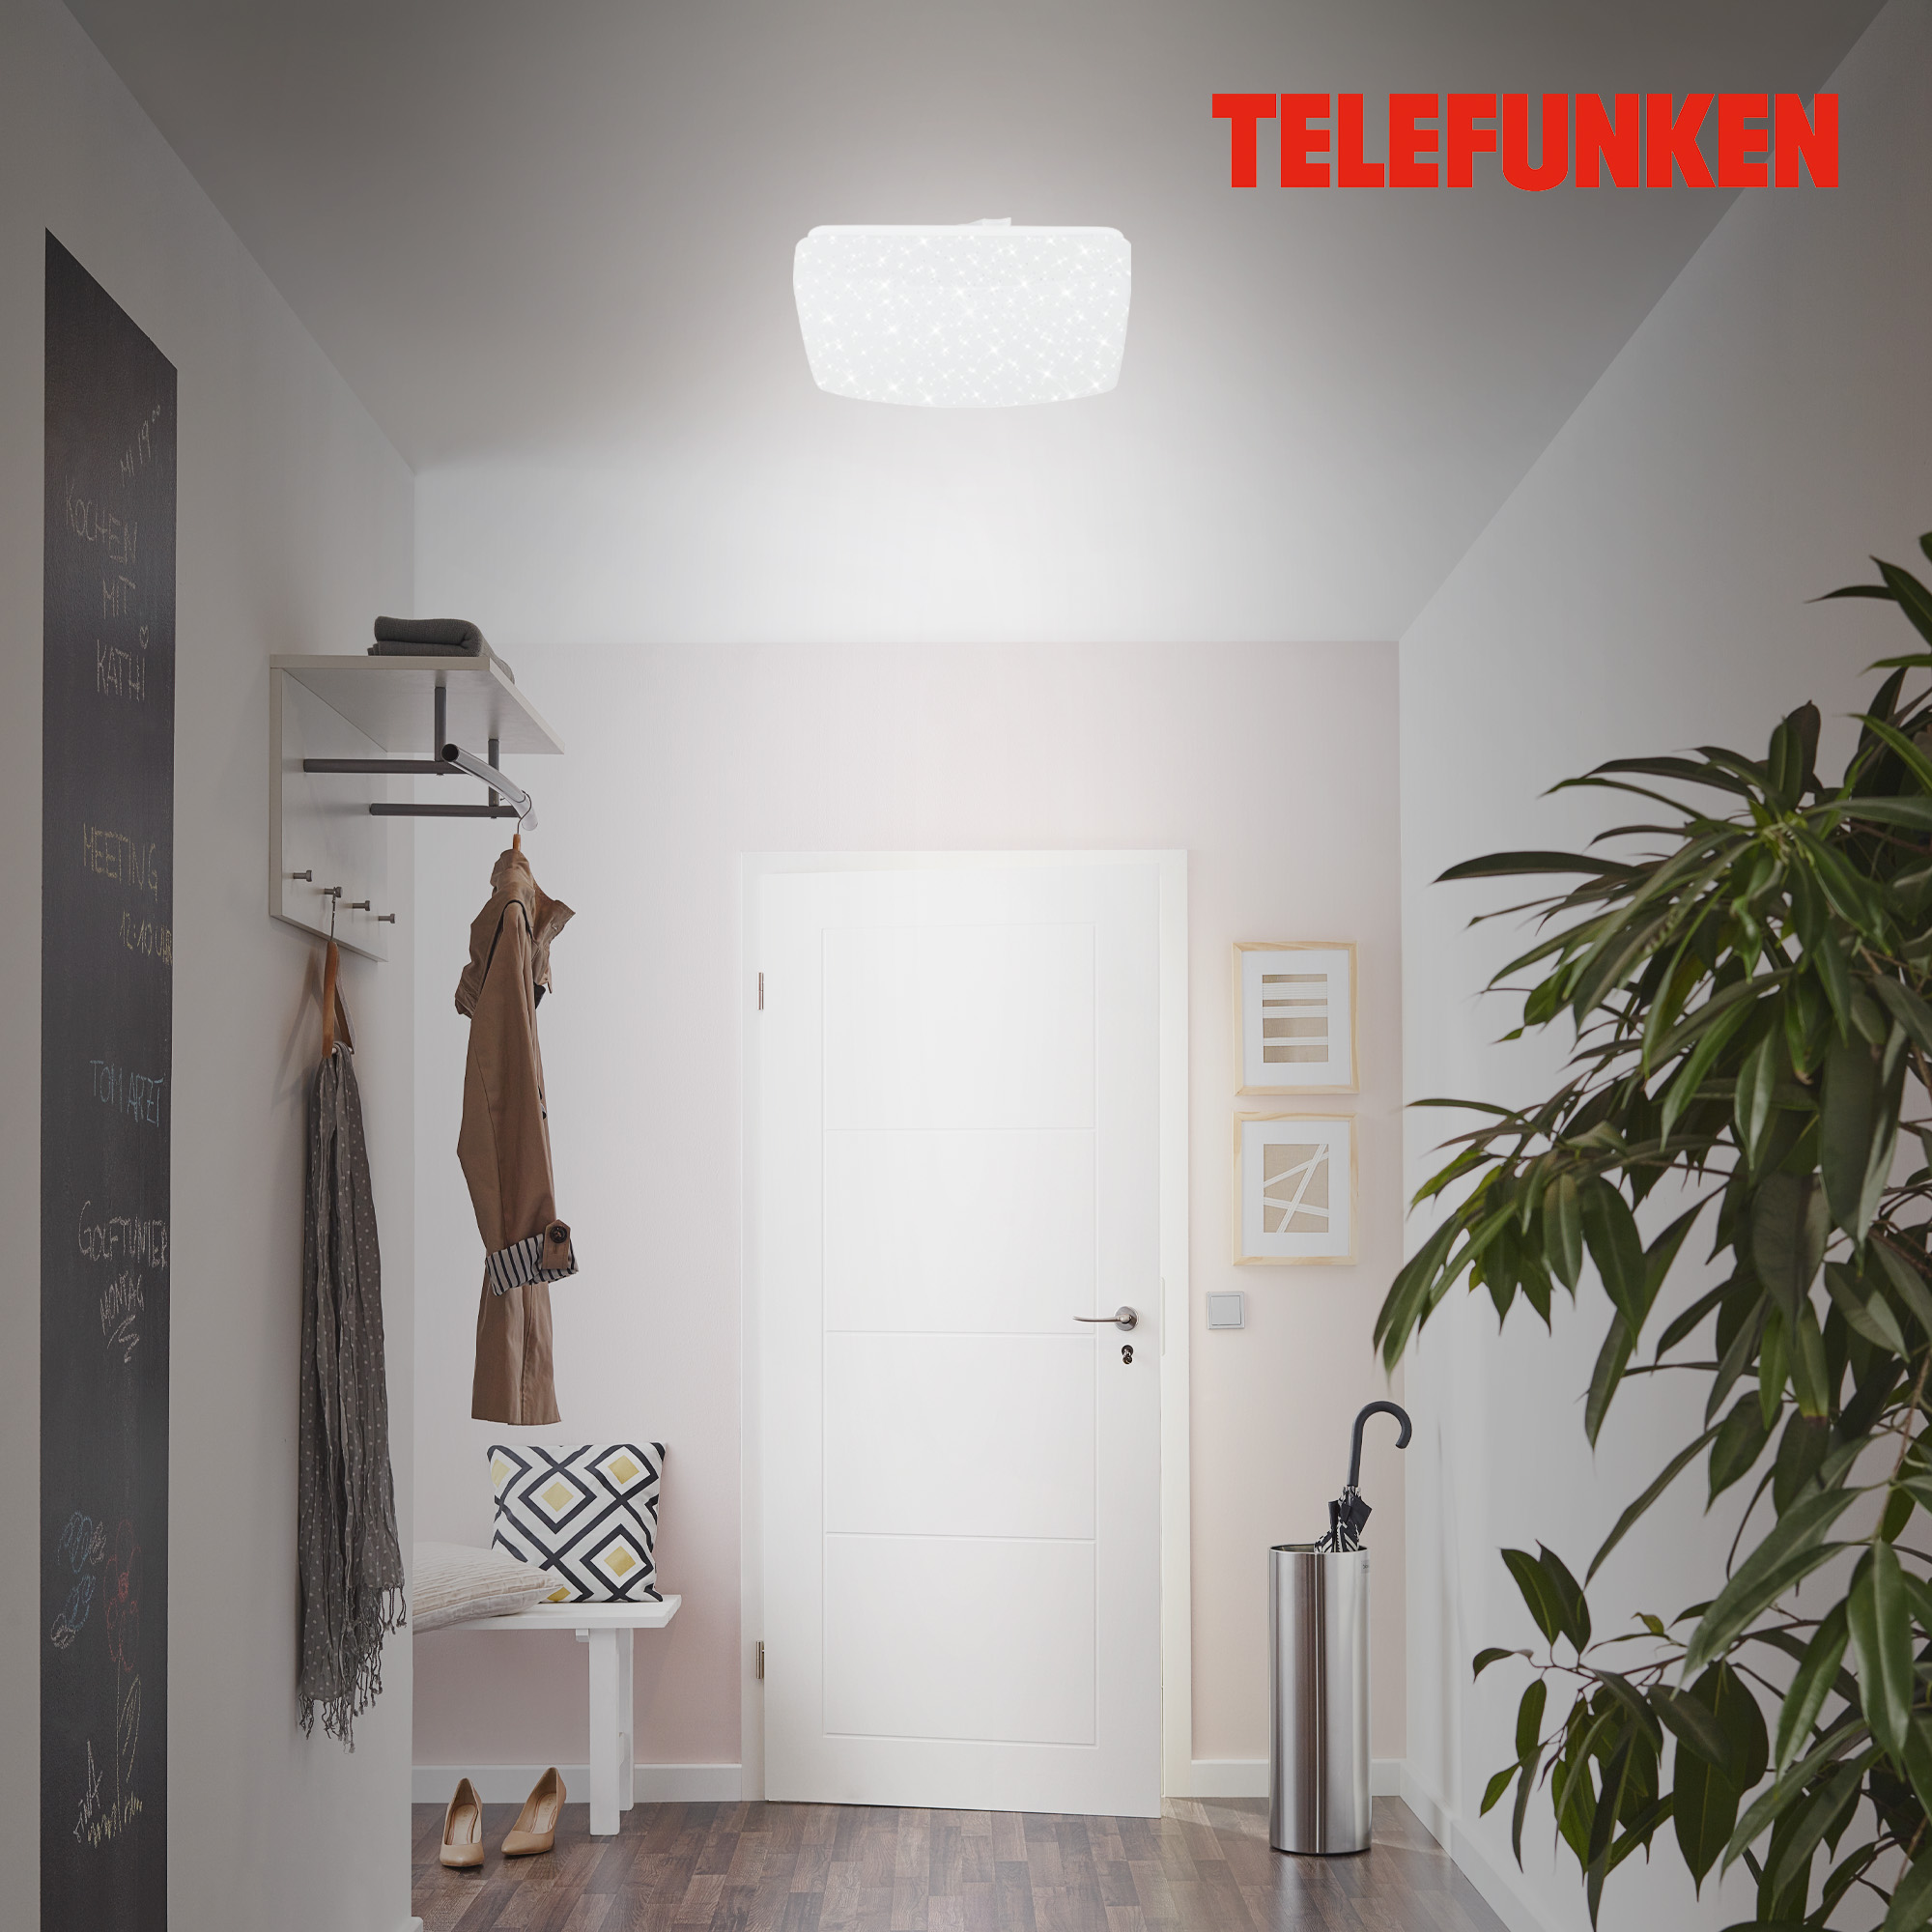 TELEFUNKEN Sensor LED Deckenleuchte Weiß